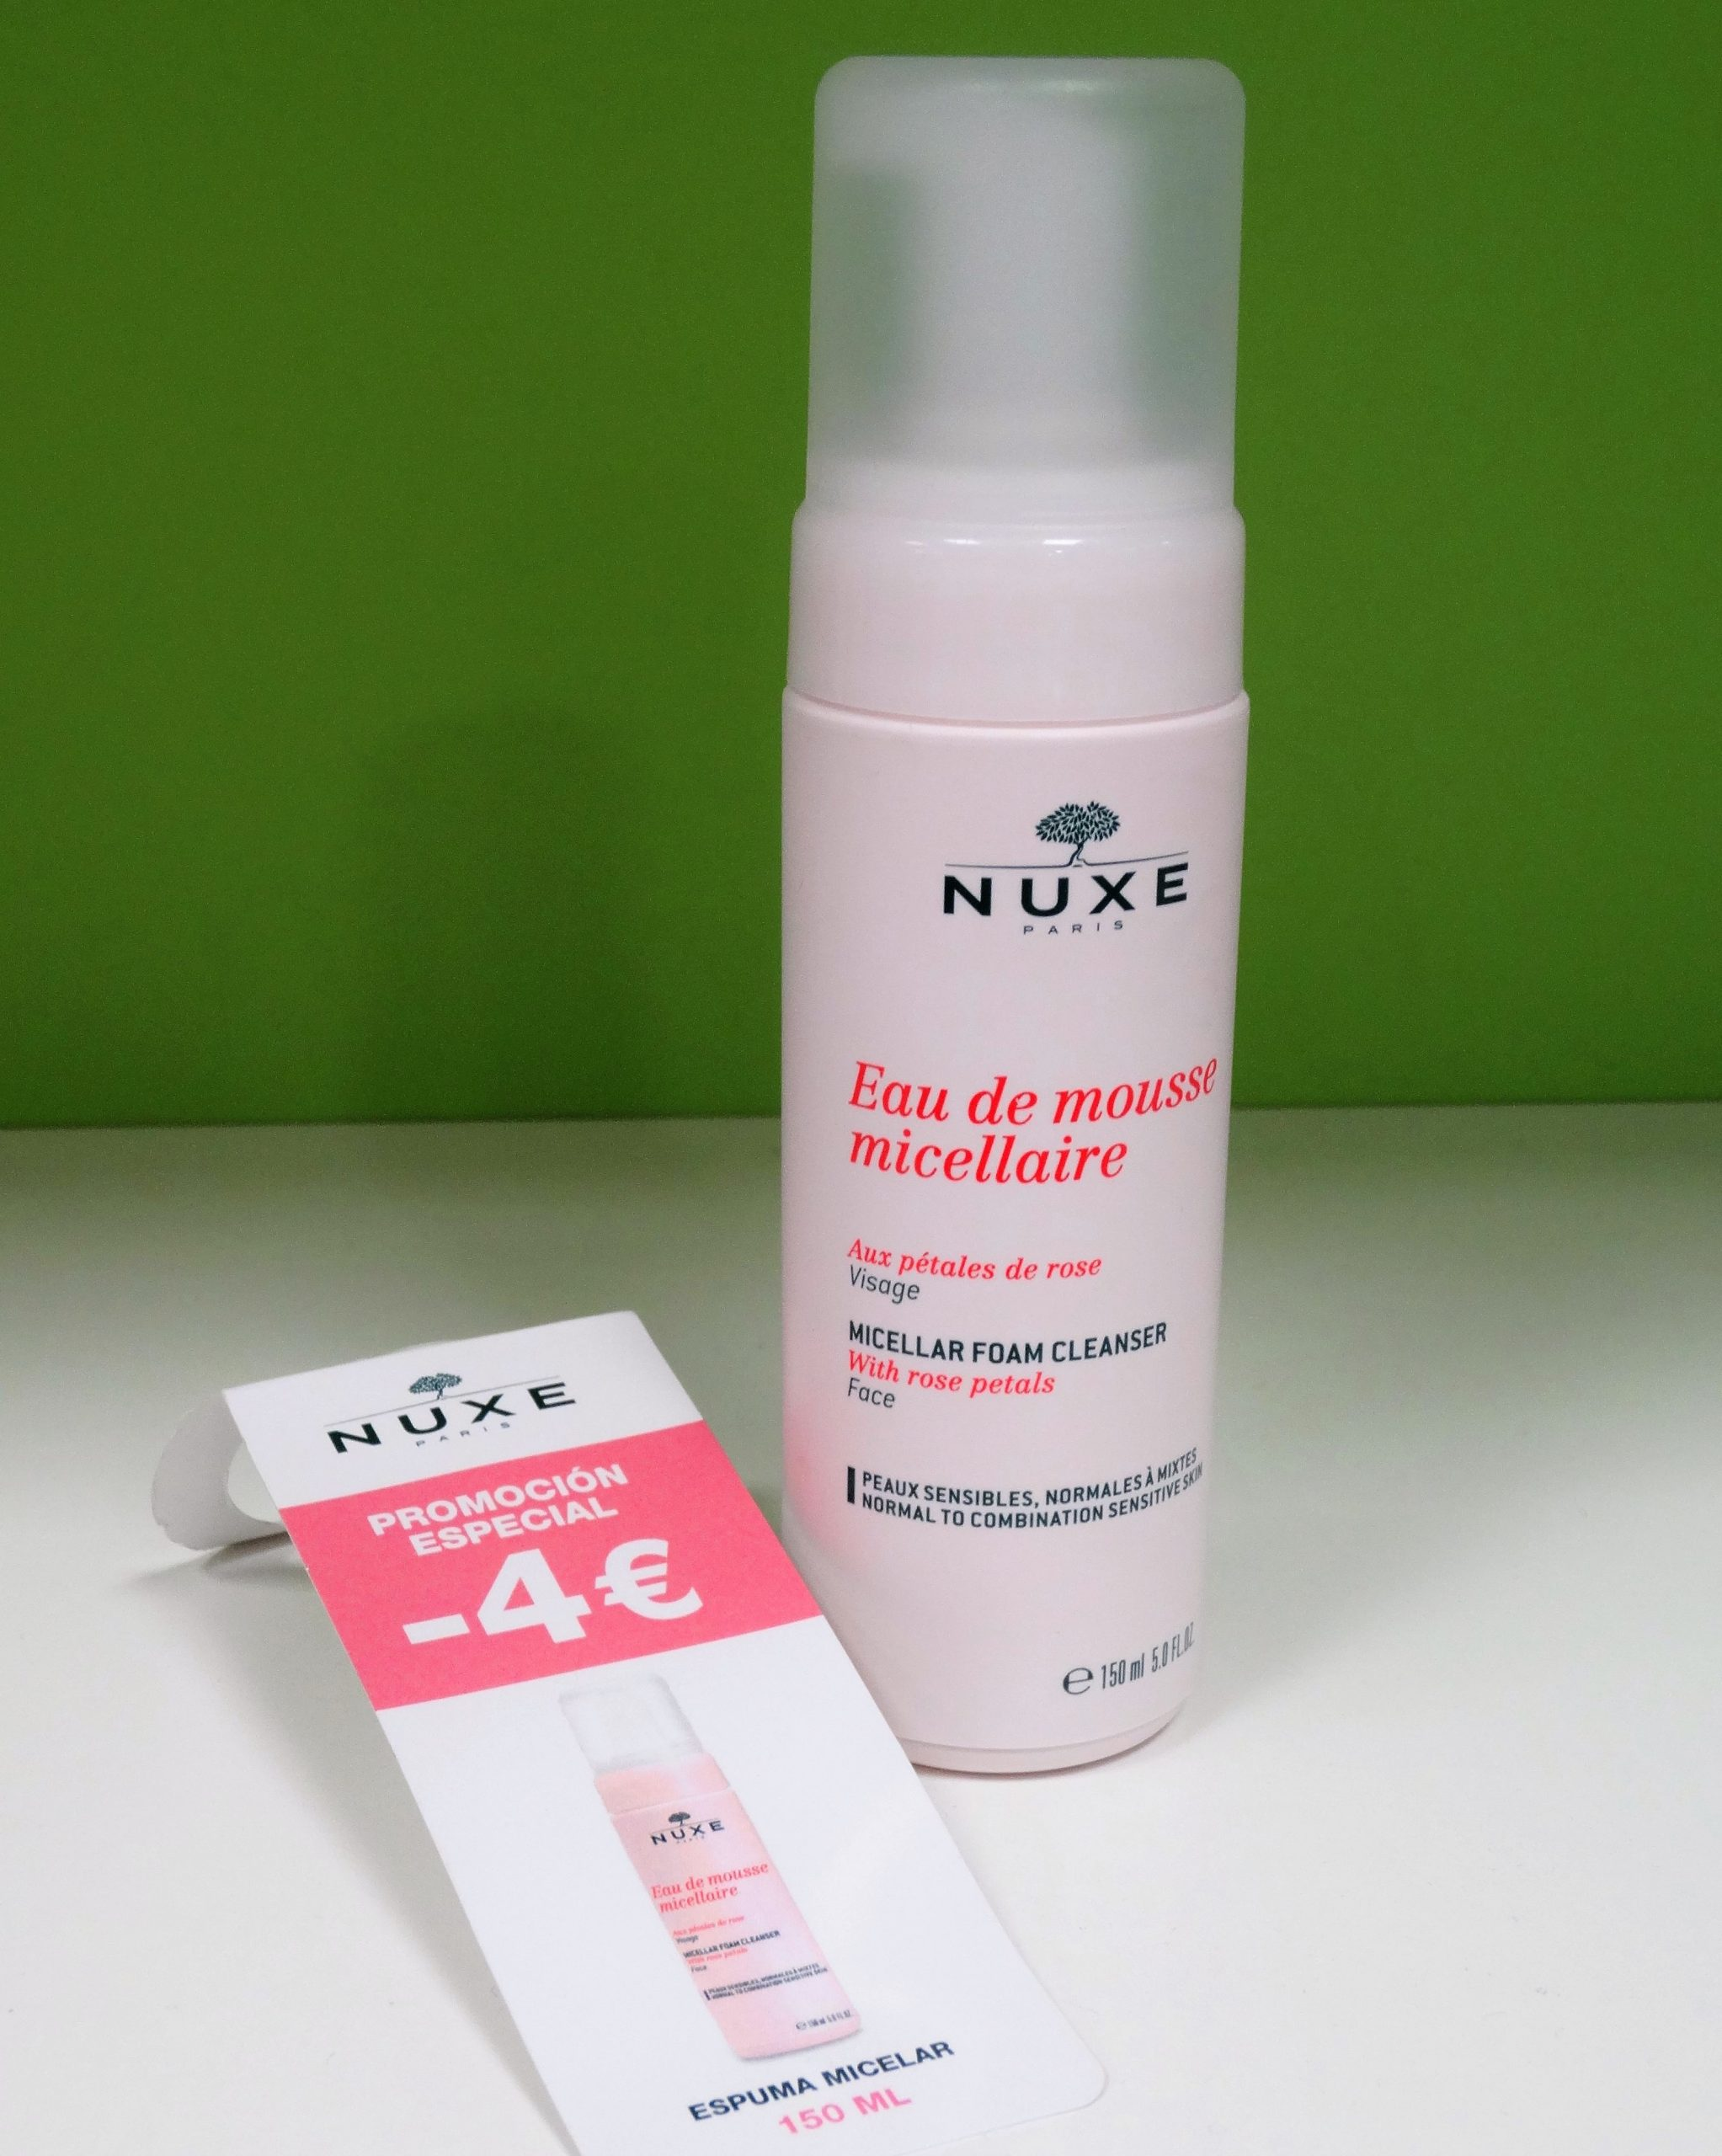 Nuxe Eau de Mousse Micellaire es una suave loción perfecta para cuidar diariamente tu rostro, sin alterar su estructura cutánea